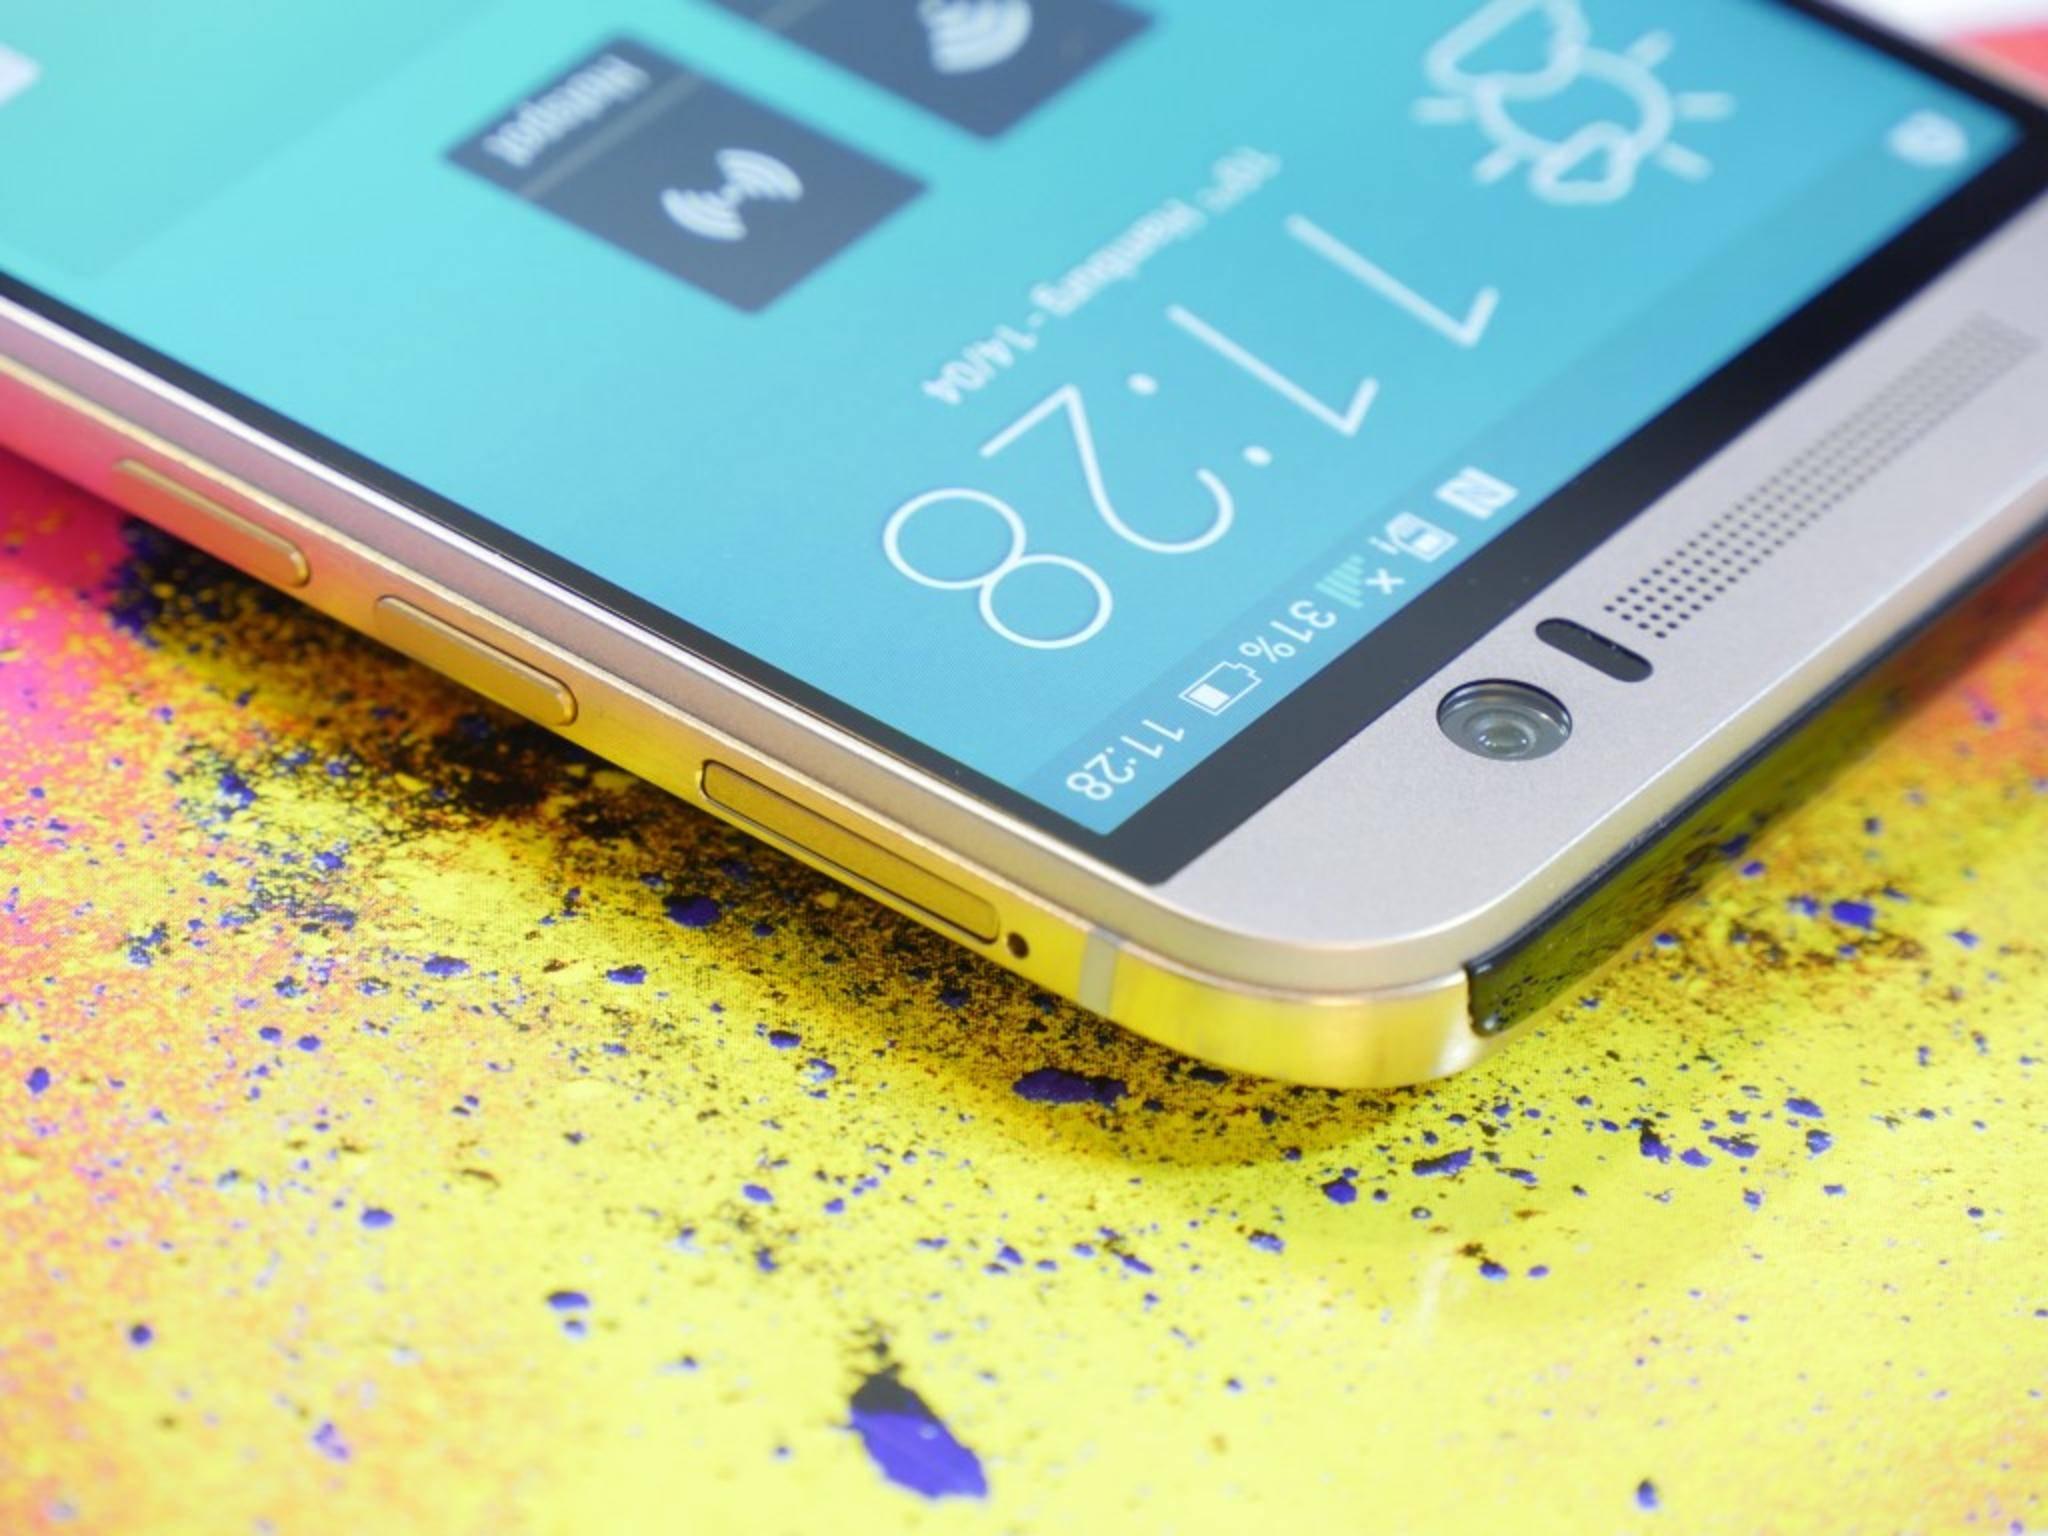 Das One M9 setzt auf den Snapdragon 810, das One M10 könnte einen Snapdragon 820 bekommen.